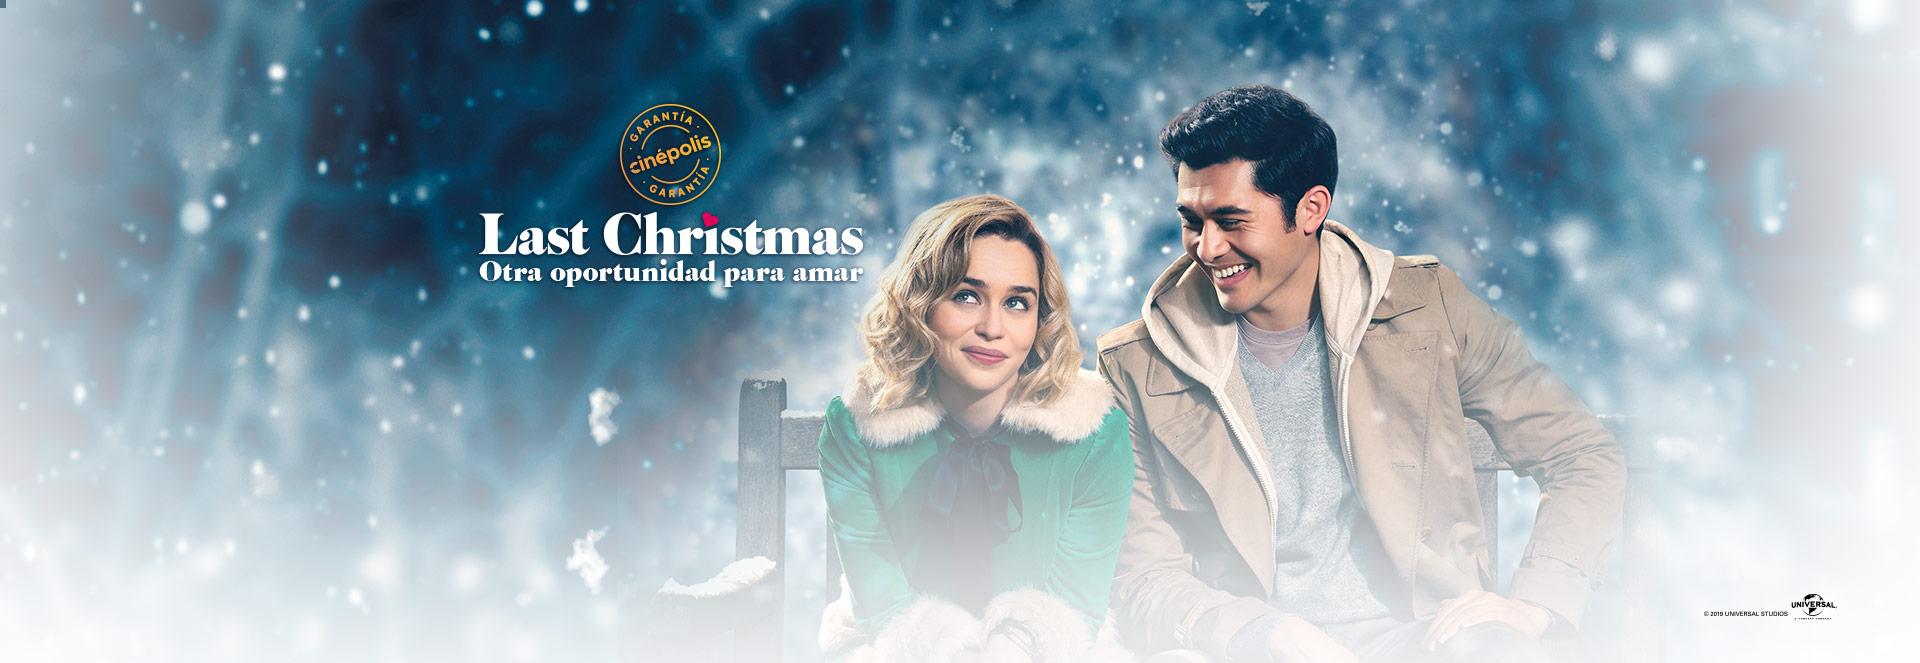 Banner Last Christmas: Otra oportunidad para amar   Garantía Cinépolis